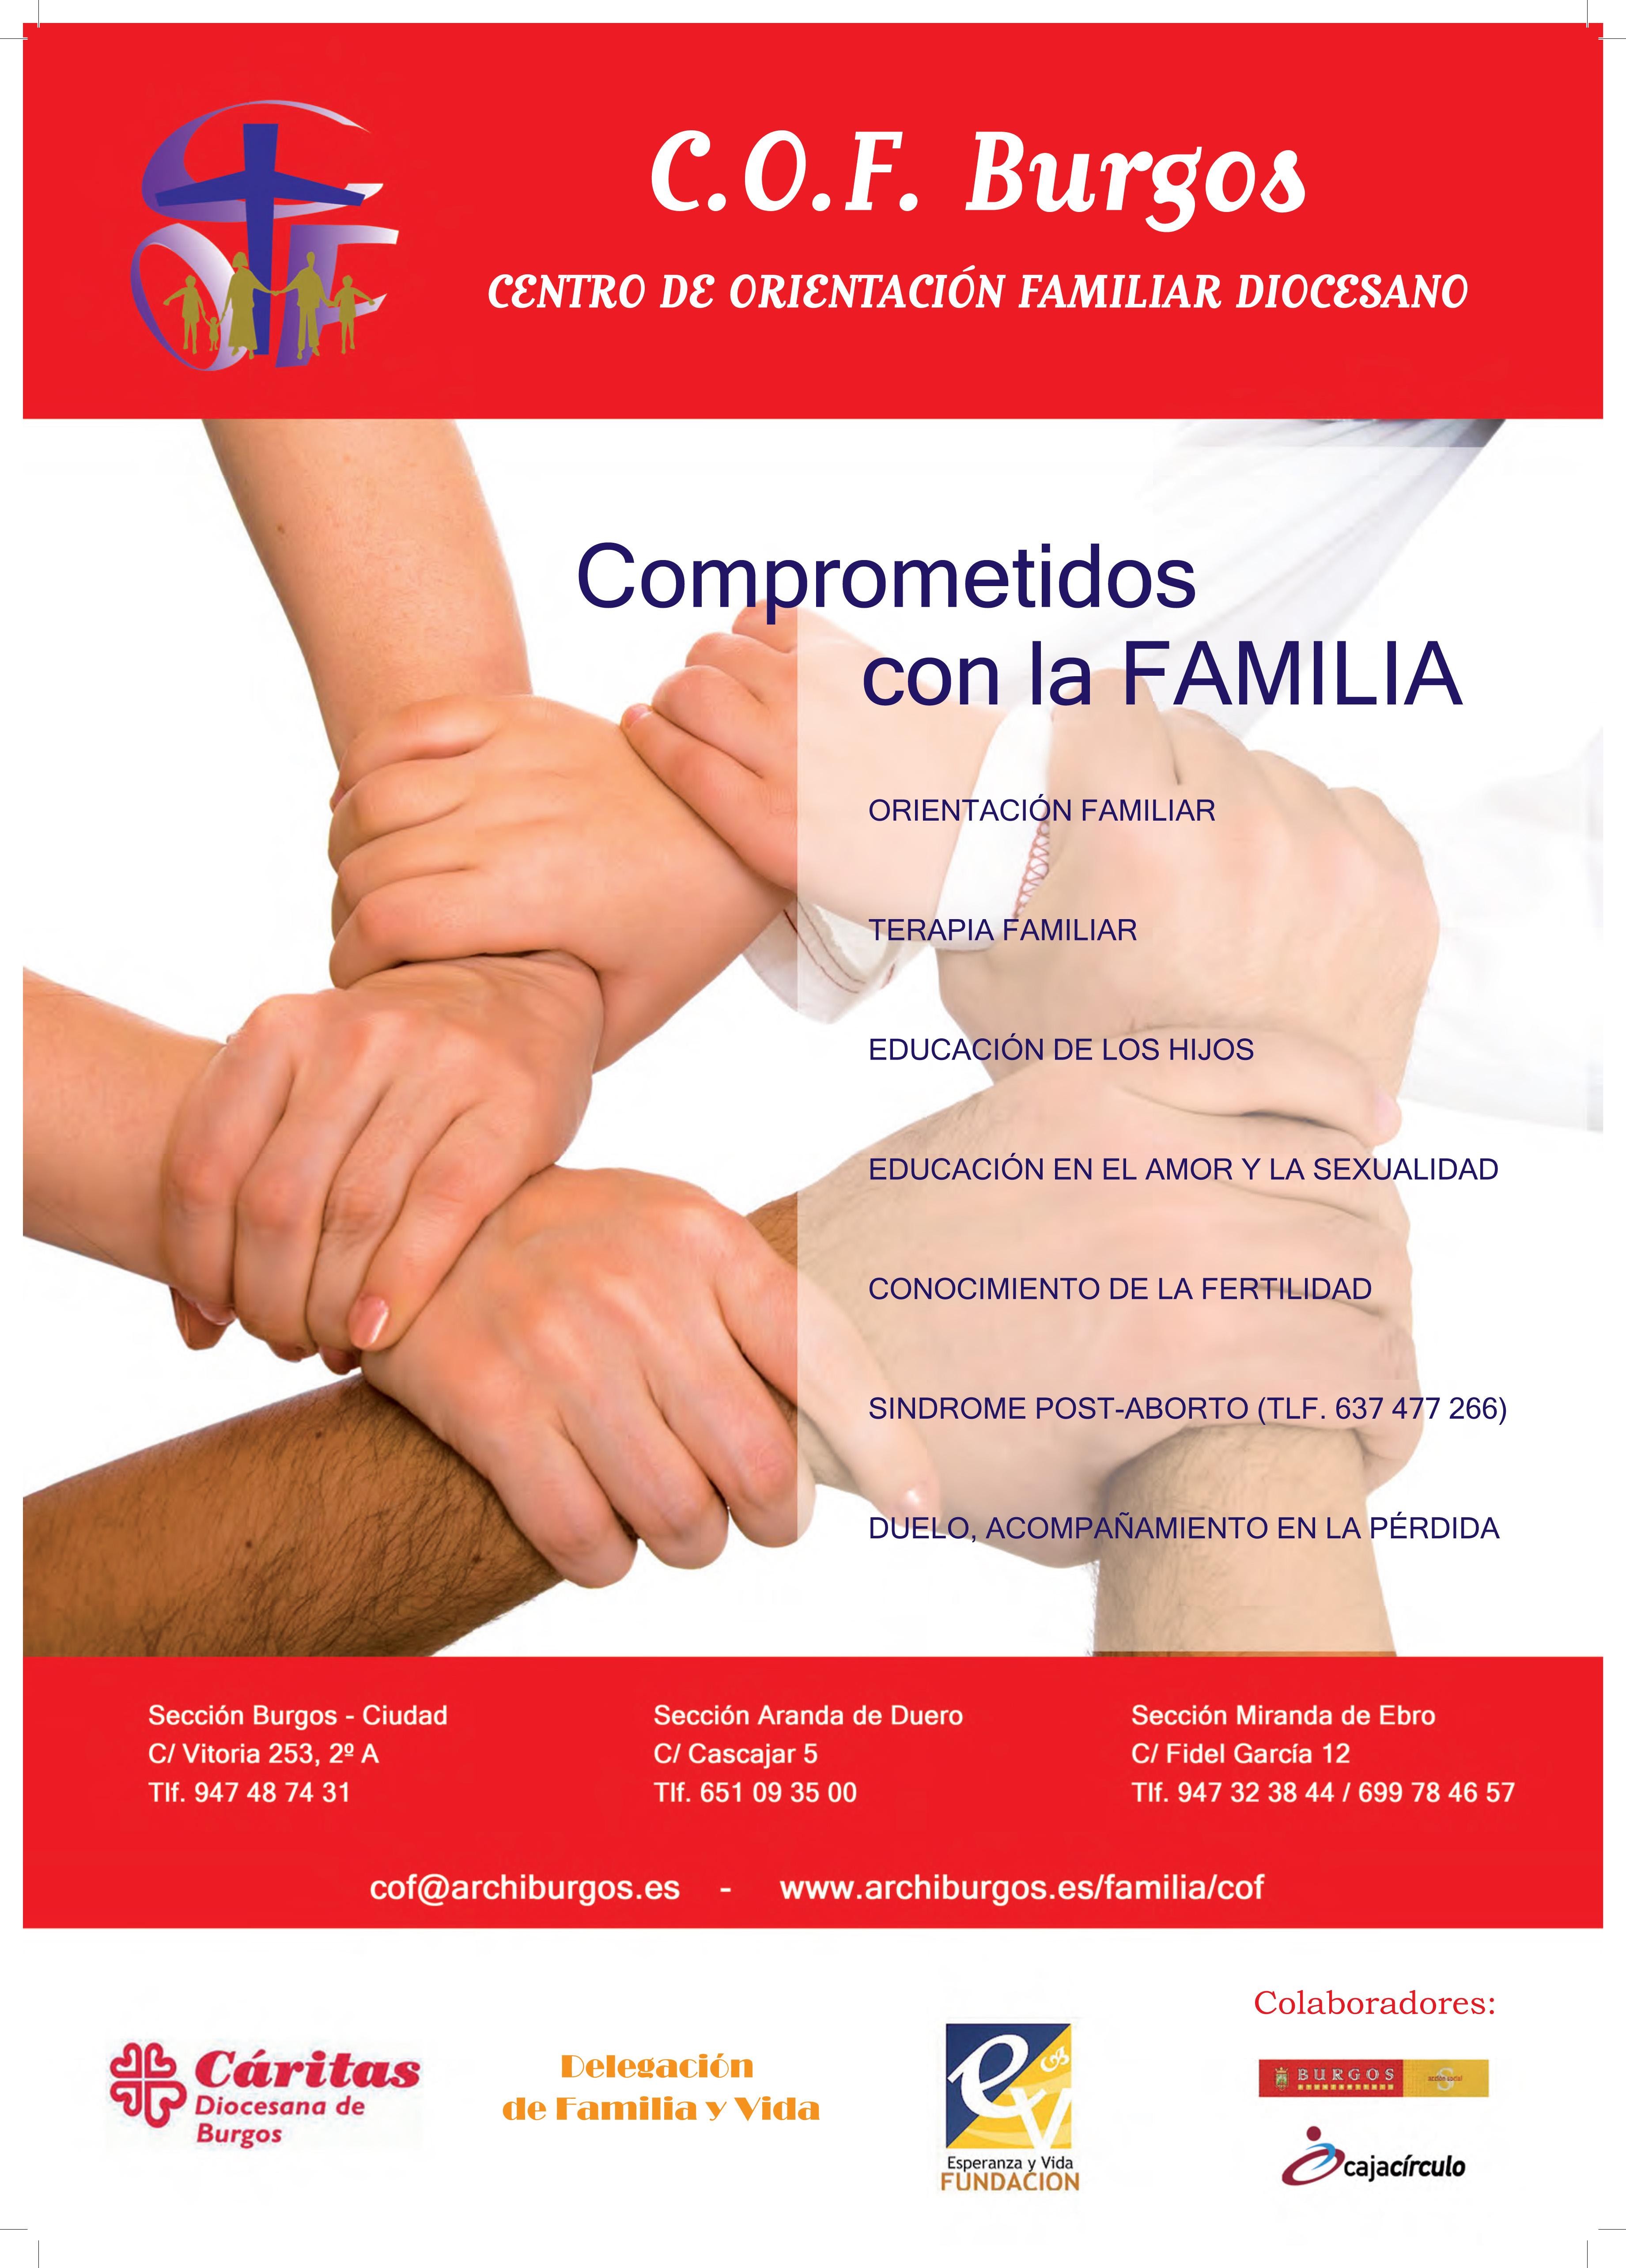 El COF de Burgos se dispone a celebrar su 15 aniversario a lo largo de este mes de octubre.